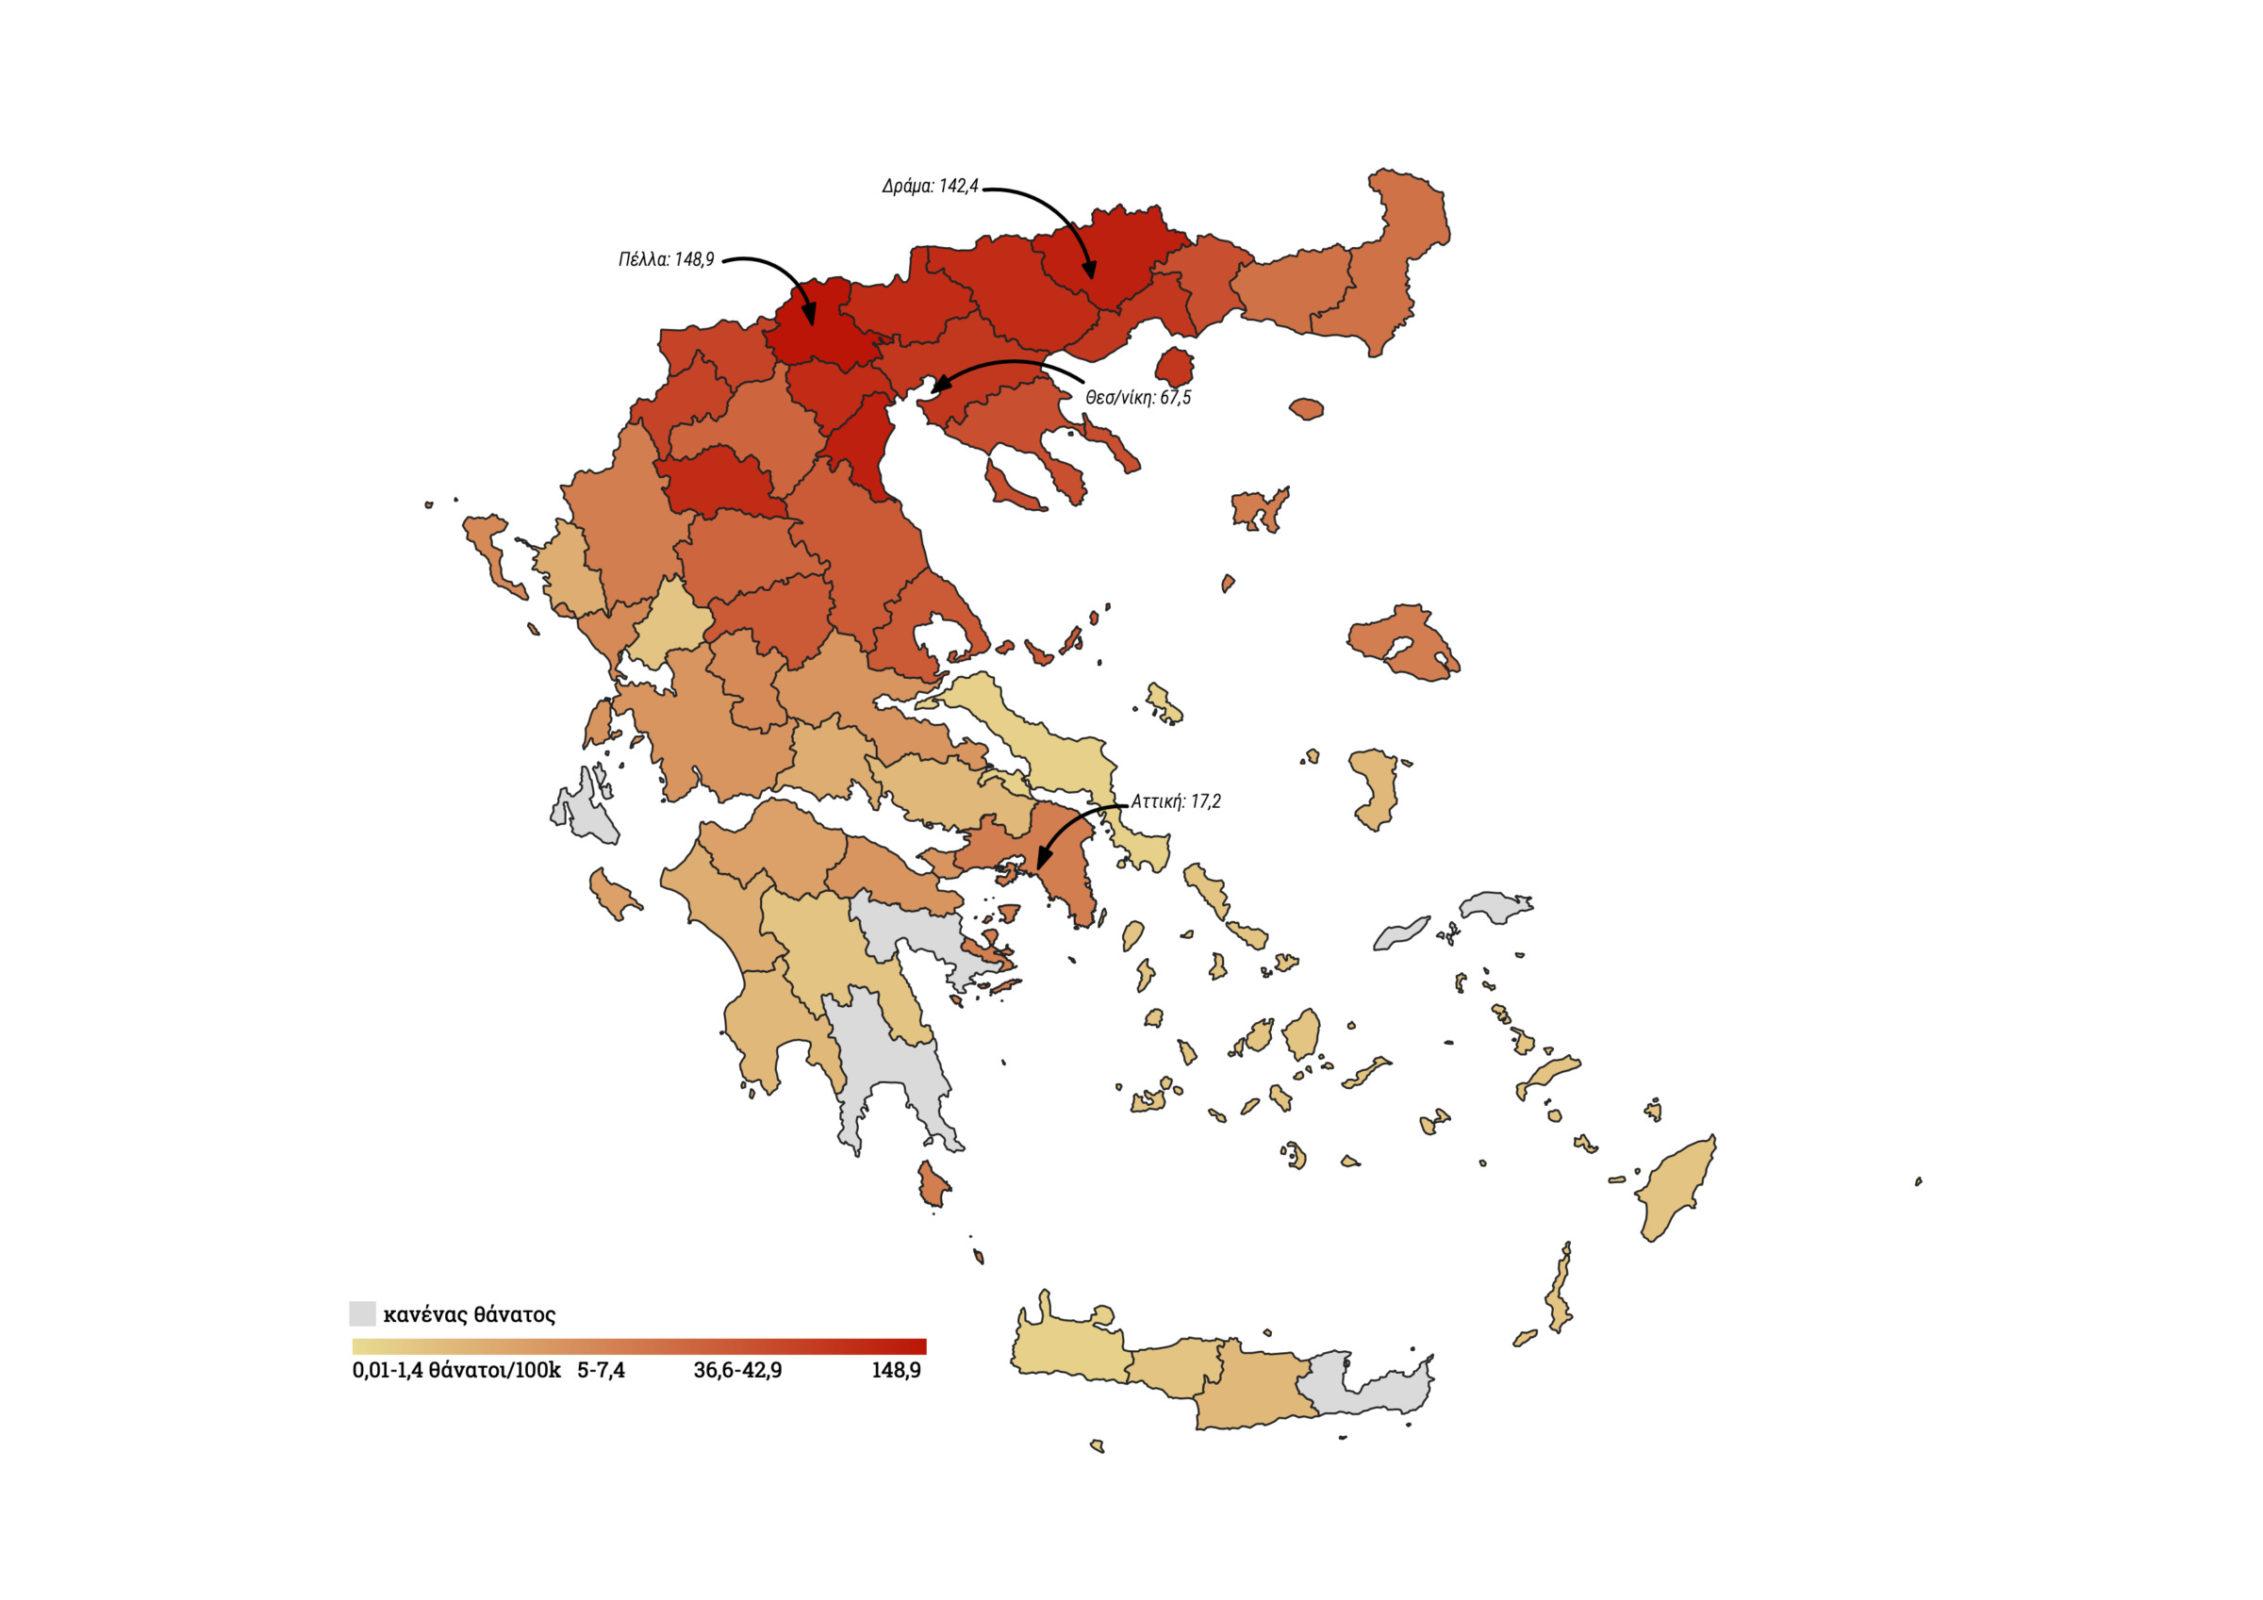 χάρτης με τη γεωγραφική κατανομή των θανάτων στην Ελλάδα από covid-19